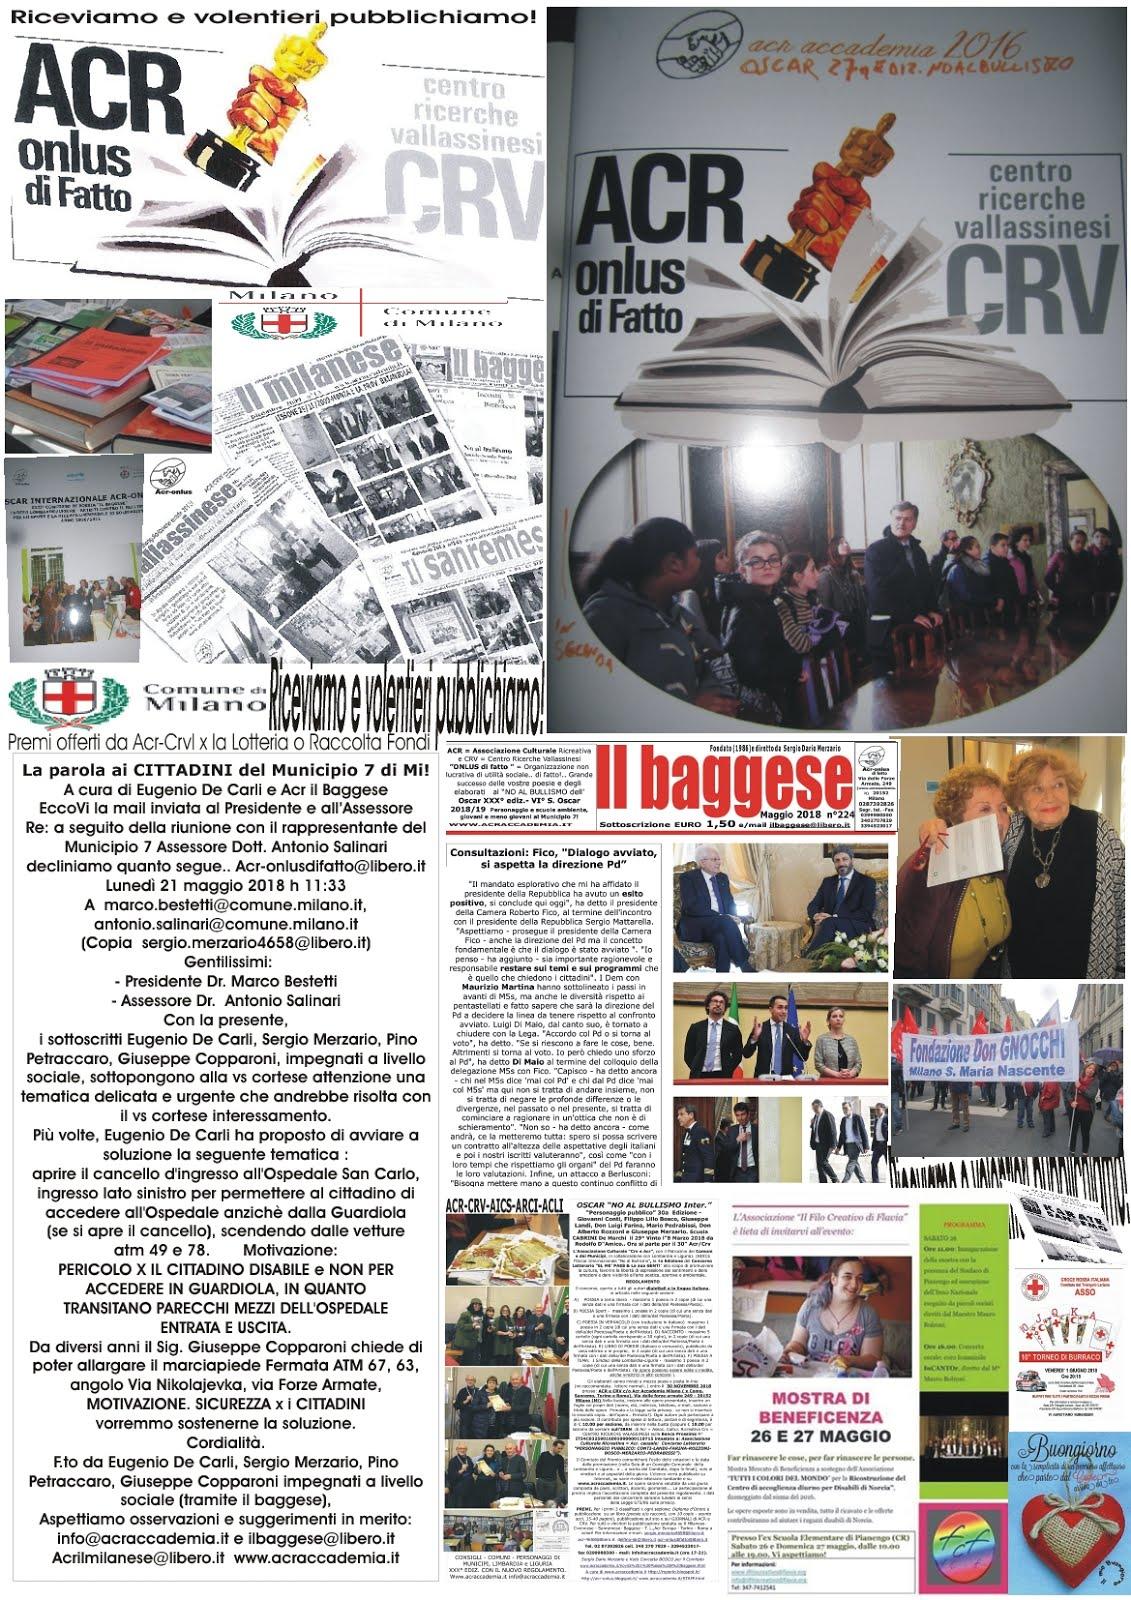 ACR-CRV-APPUNTI con OSCAR 30a!